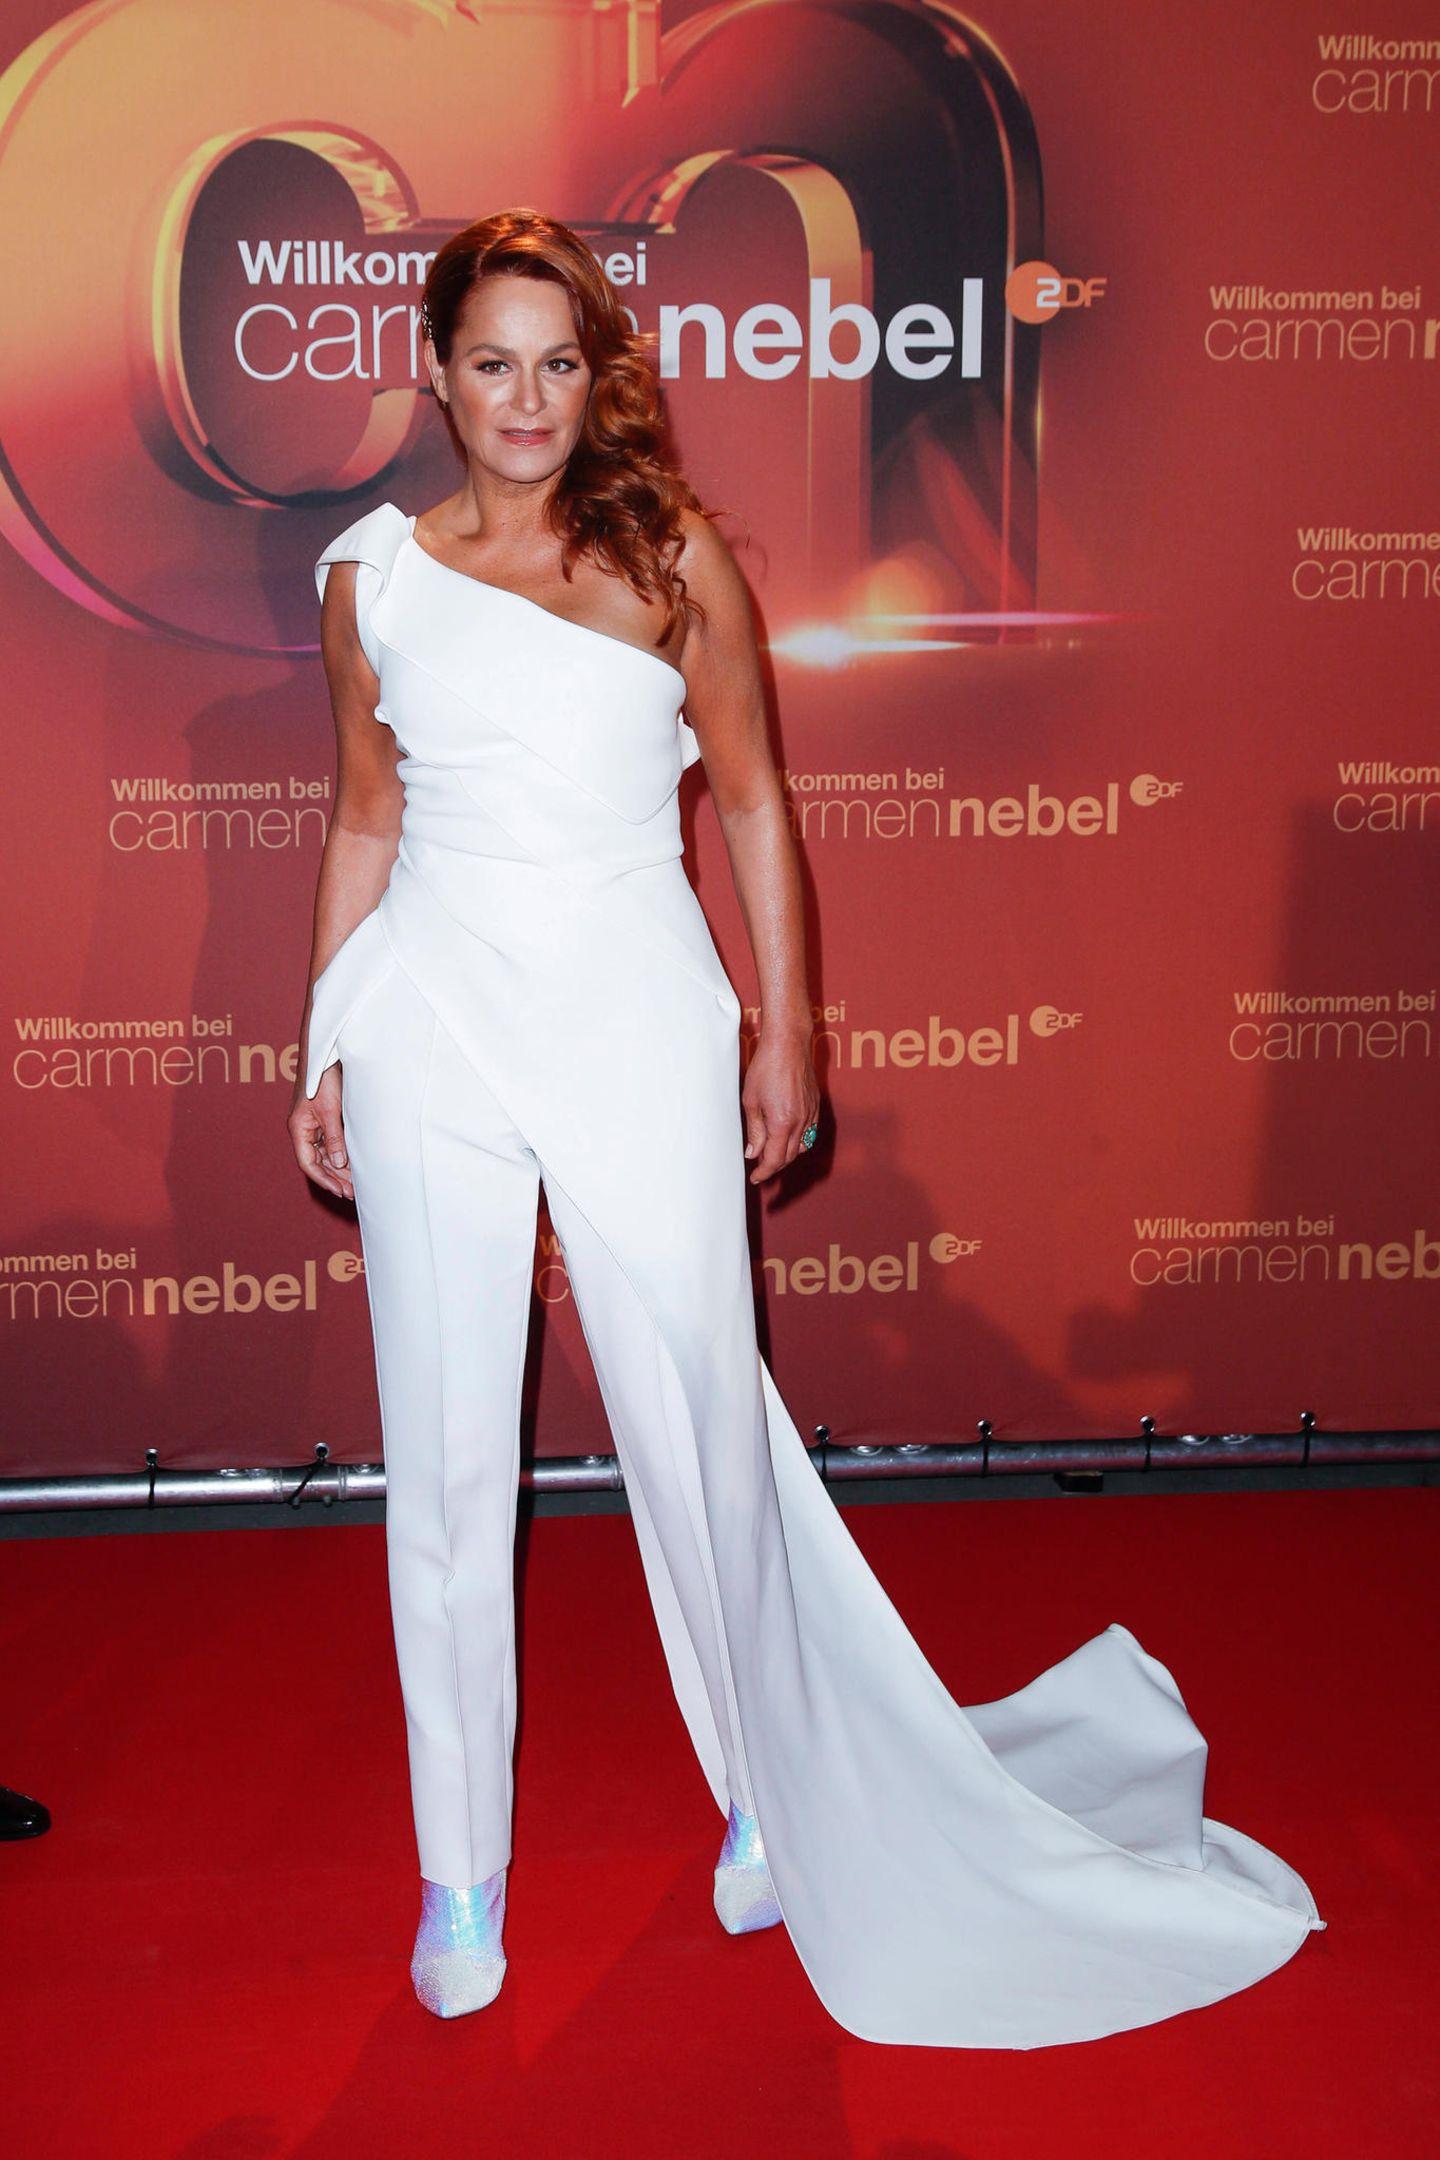 """Andrea Berg zeigt sich auf dem Red Carpet der """"Willkommen bei Carmen Nebel""""-Show in einem weißen Jumpsuit mit One-Shoulder-Ausschnitt und Schleppe. Ihr gebräunter Teint kommt in diesem Outfit besonders gut zur Geltung."""